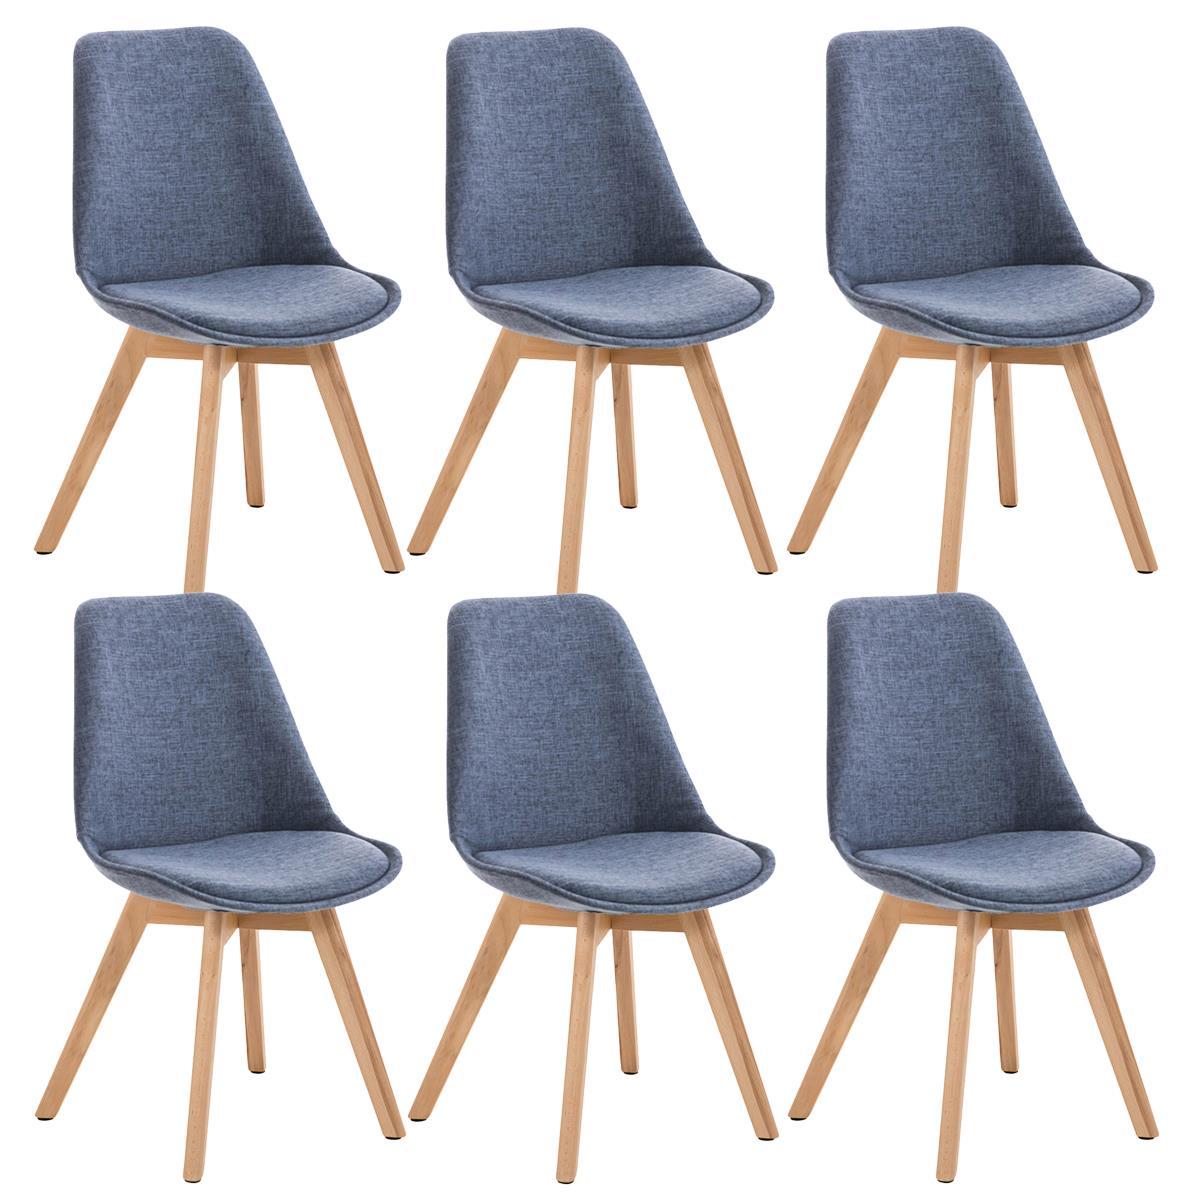 Conjunto de 6 sillas de comedor loren tela color azul y - Telas para sillas de comedor ...